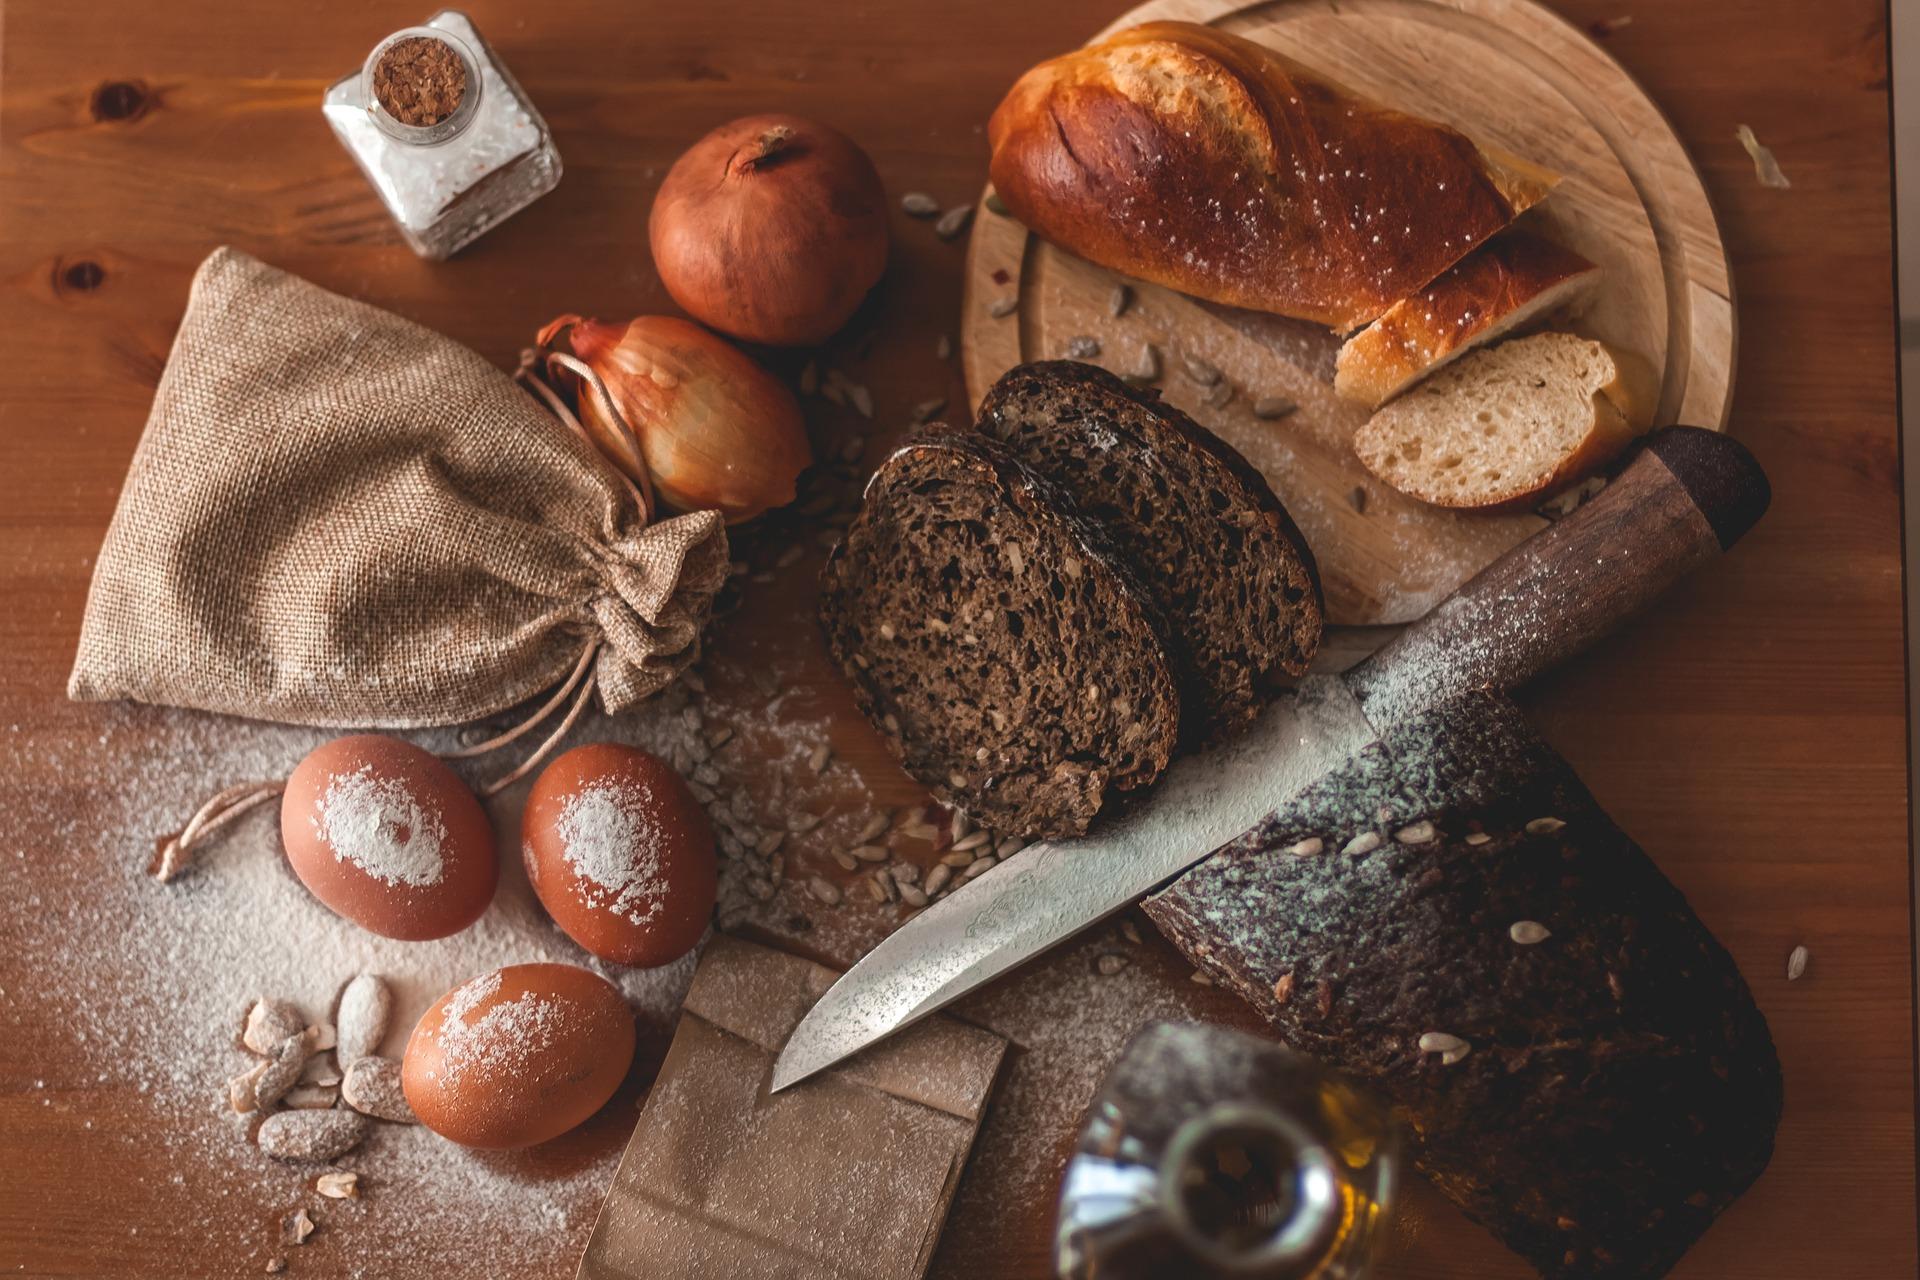 Salz hochzeit spruch und brot Brot und